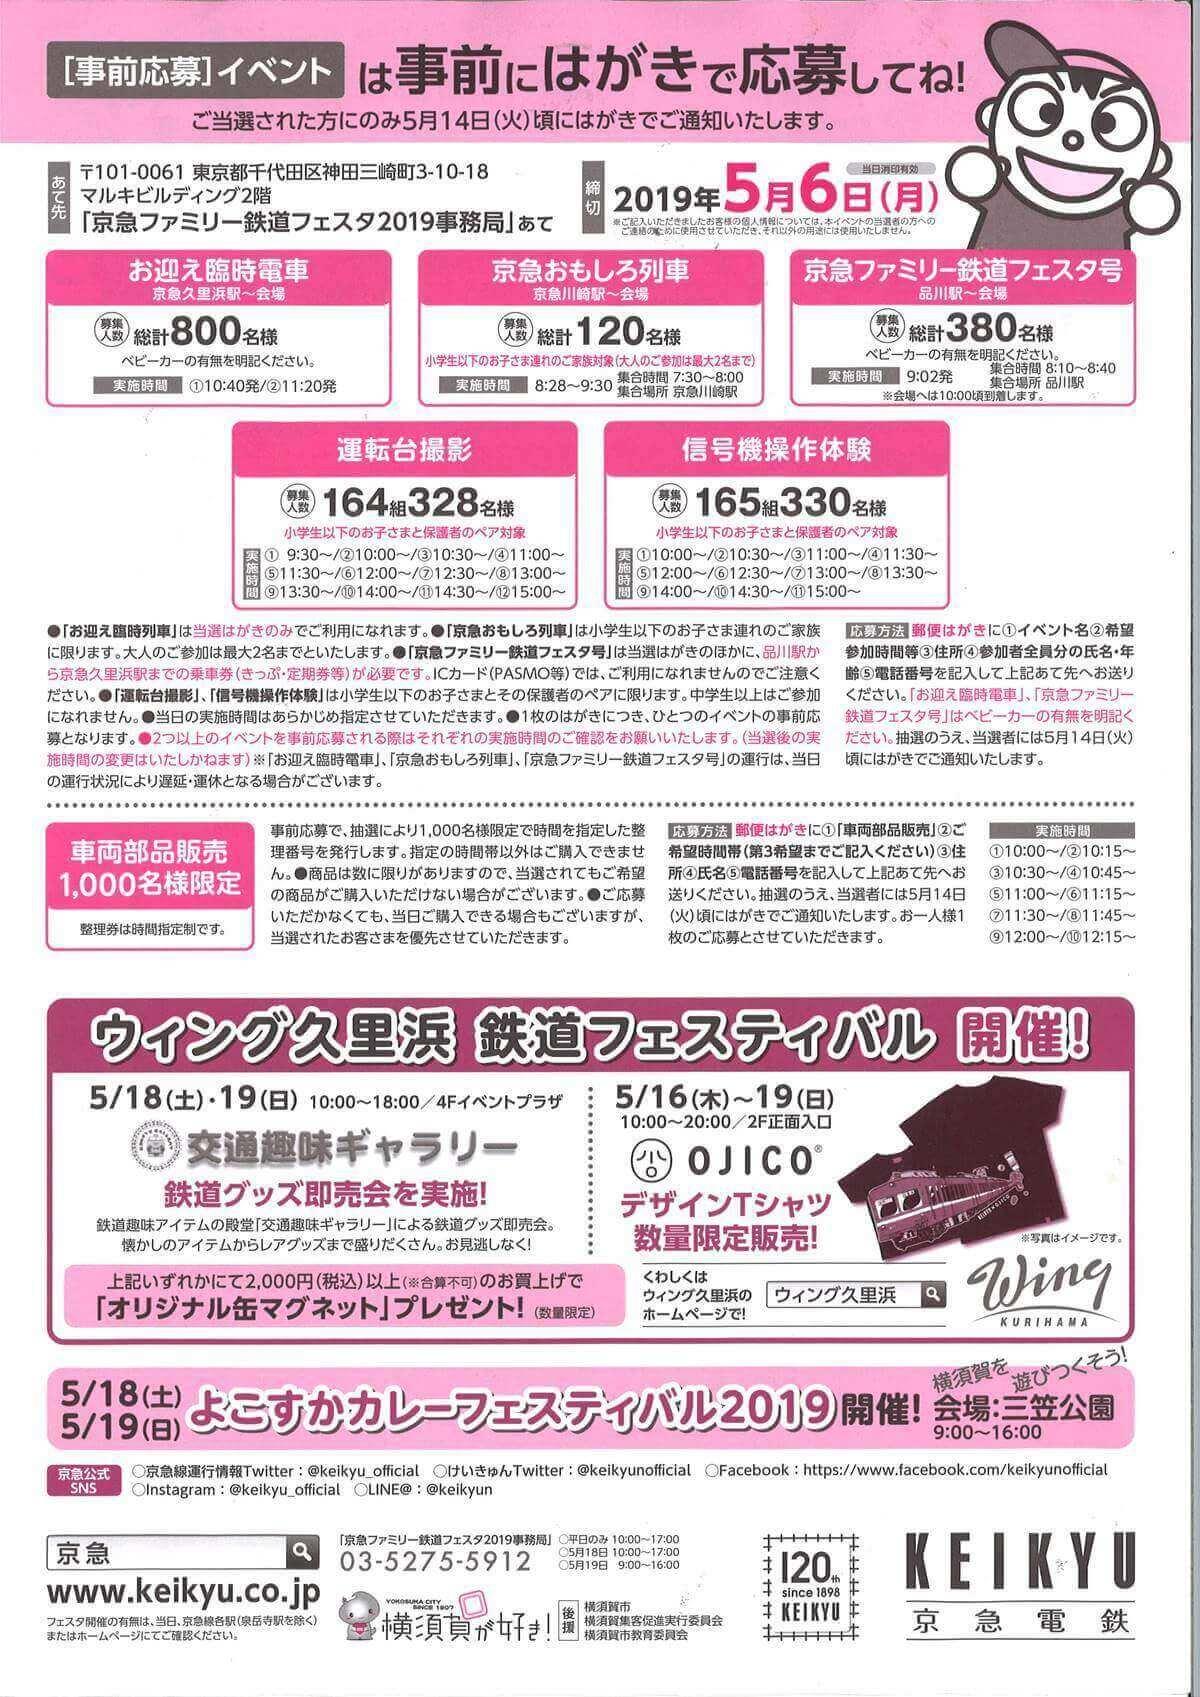 京急ファミリー鉄道フェスタ2019の事前応募イベント一覧